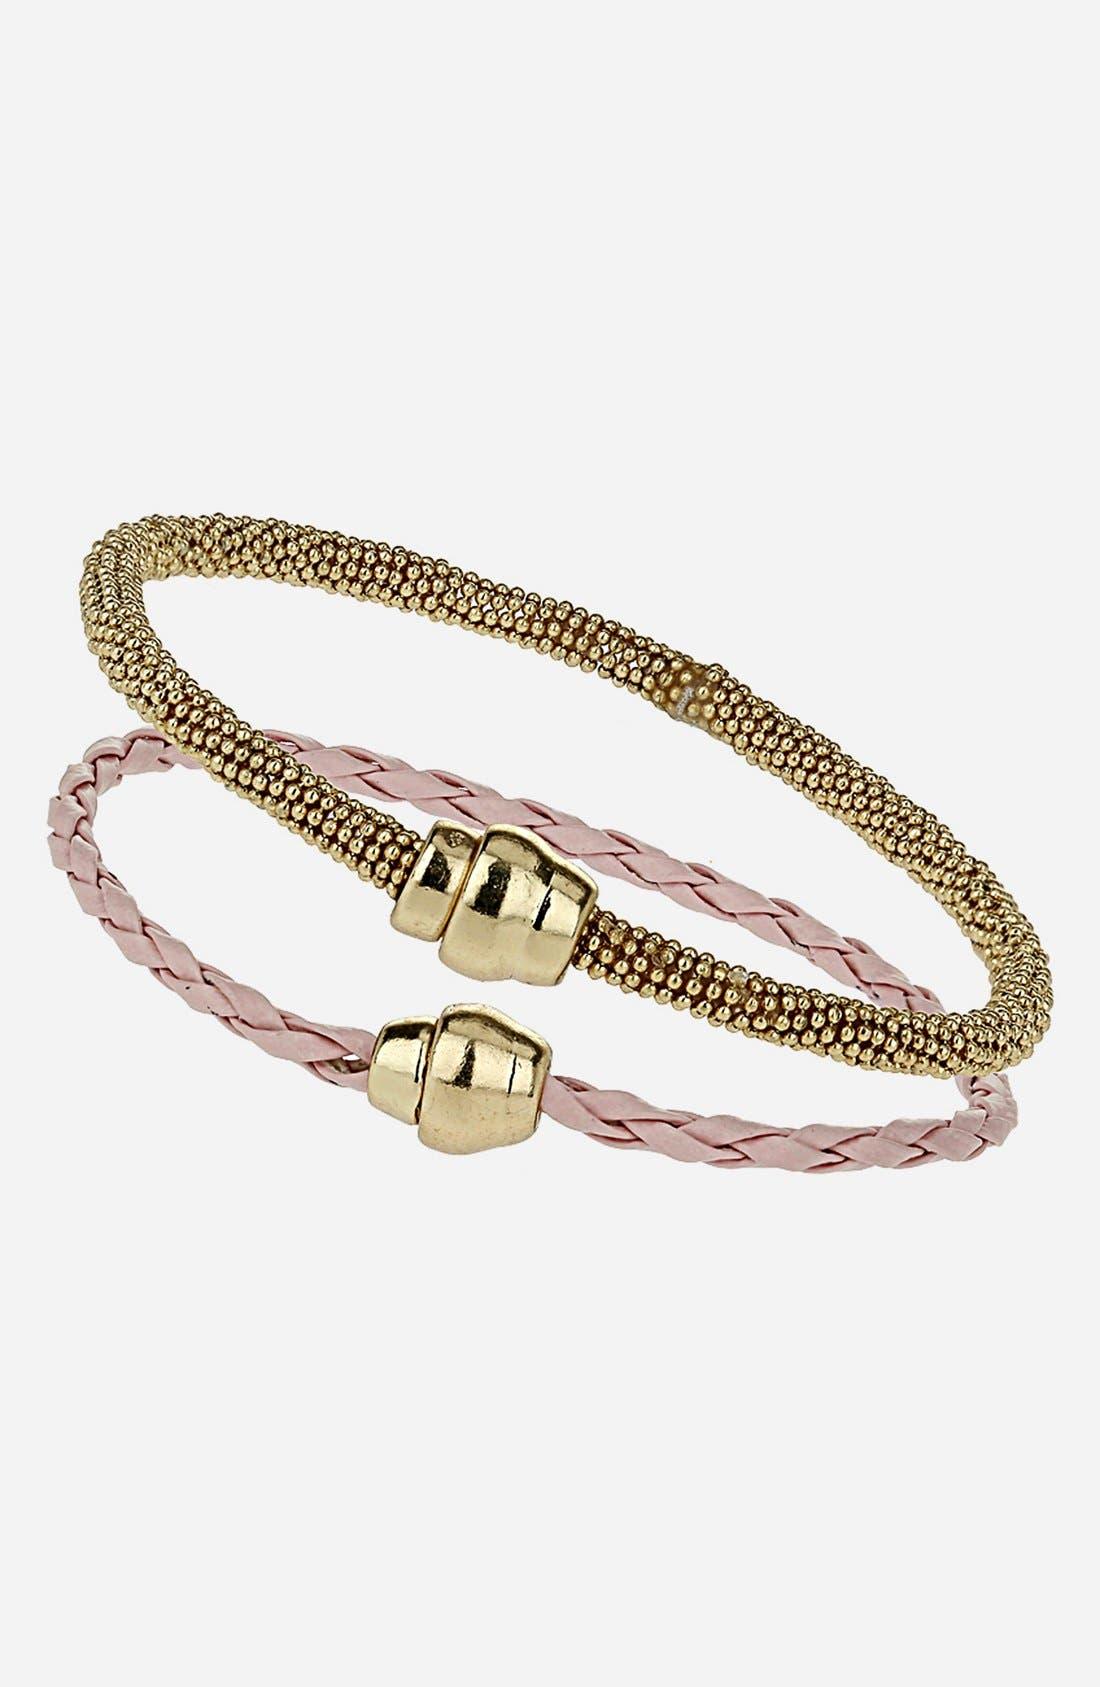 Alternate Image 1 Selected - Topshop 'Plait' Bracelets (Set of 2)